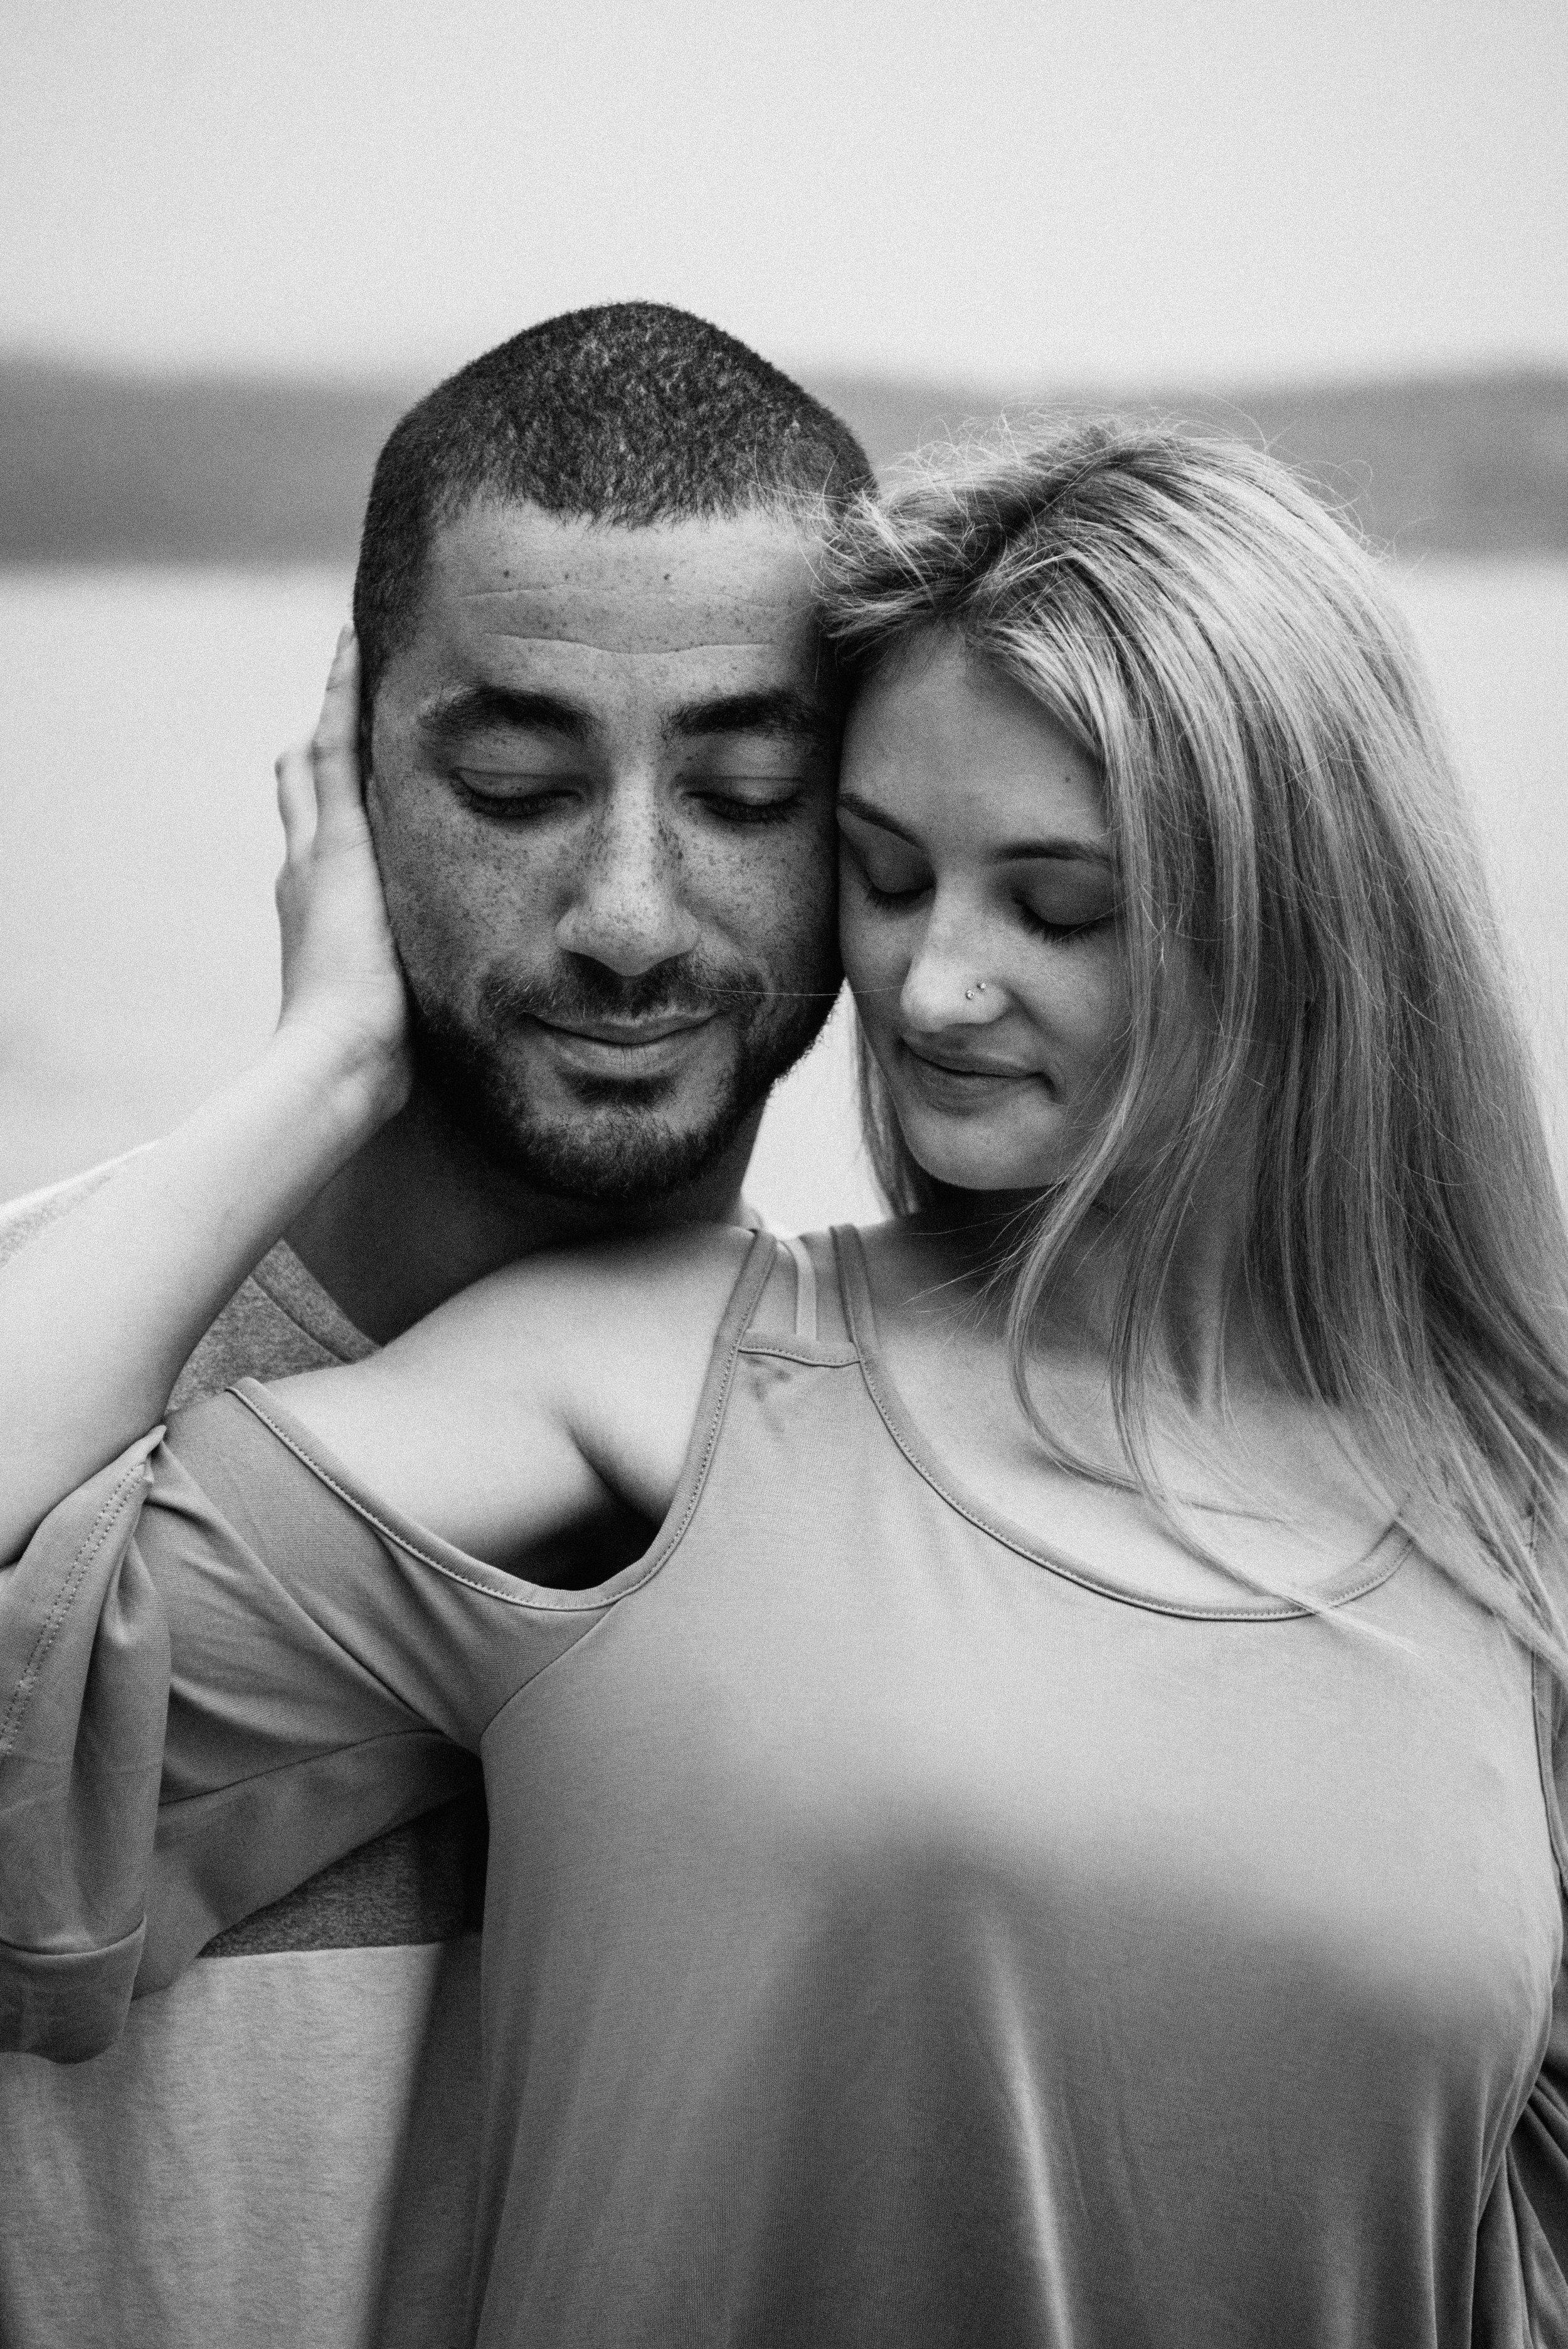 Sierra & Tyler Summer Beach Couples Session - Laura Olson Photography - Sunshine Coast BC Photographer-2575.jpg